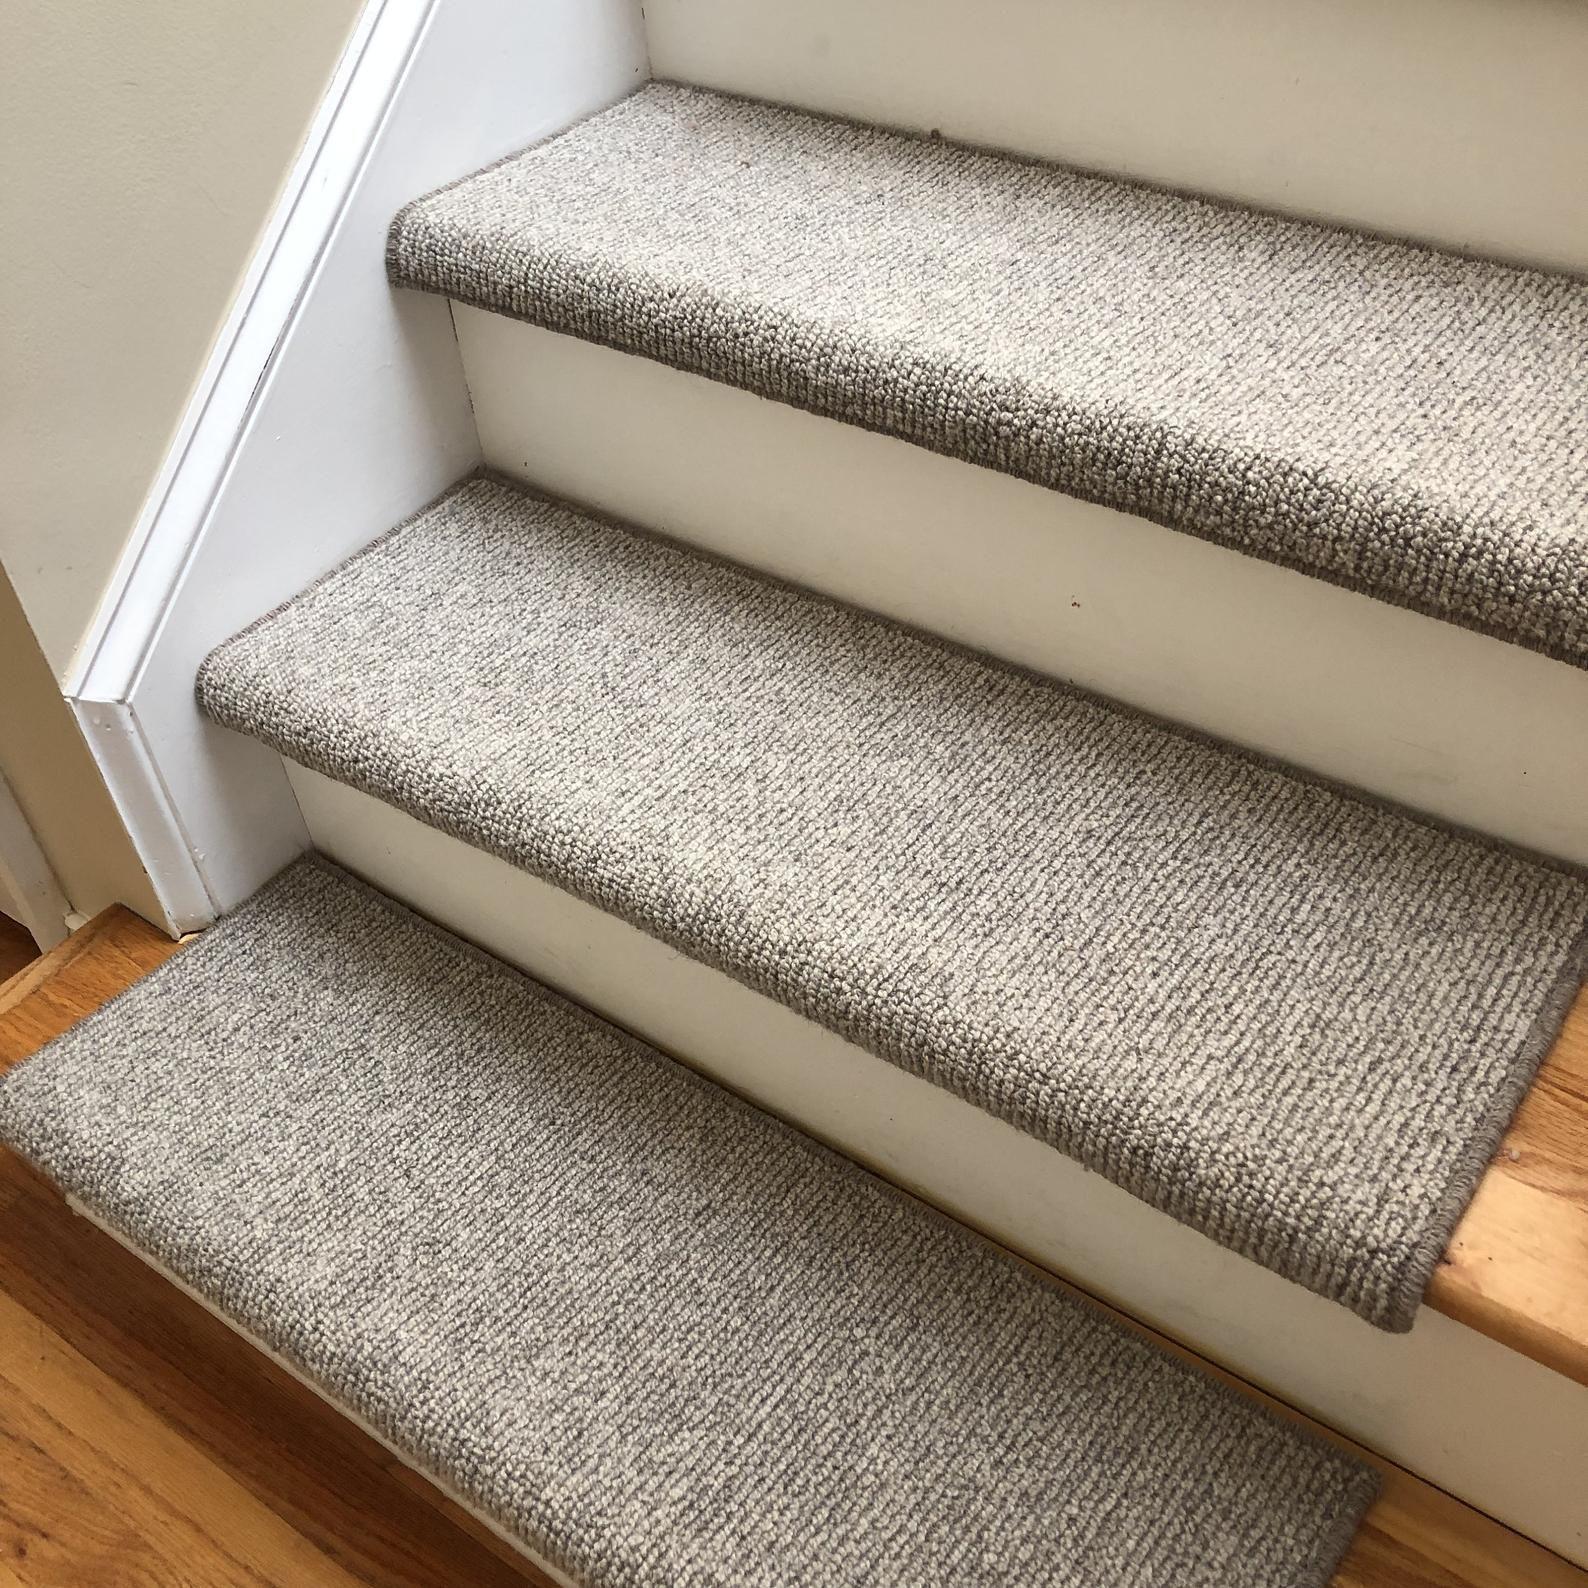 Big Sky 100 Wool True Bullnose™ Padded Carpet Stair Tread Jmish | Stair Tread Rugs Lowes | Mat | Stair Stringers | Outdoor Stair | Bullnose Carpet | Sisal Stair